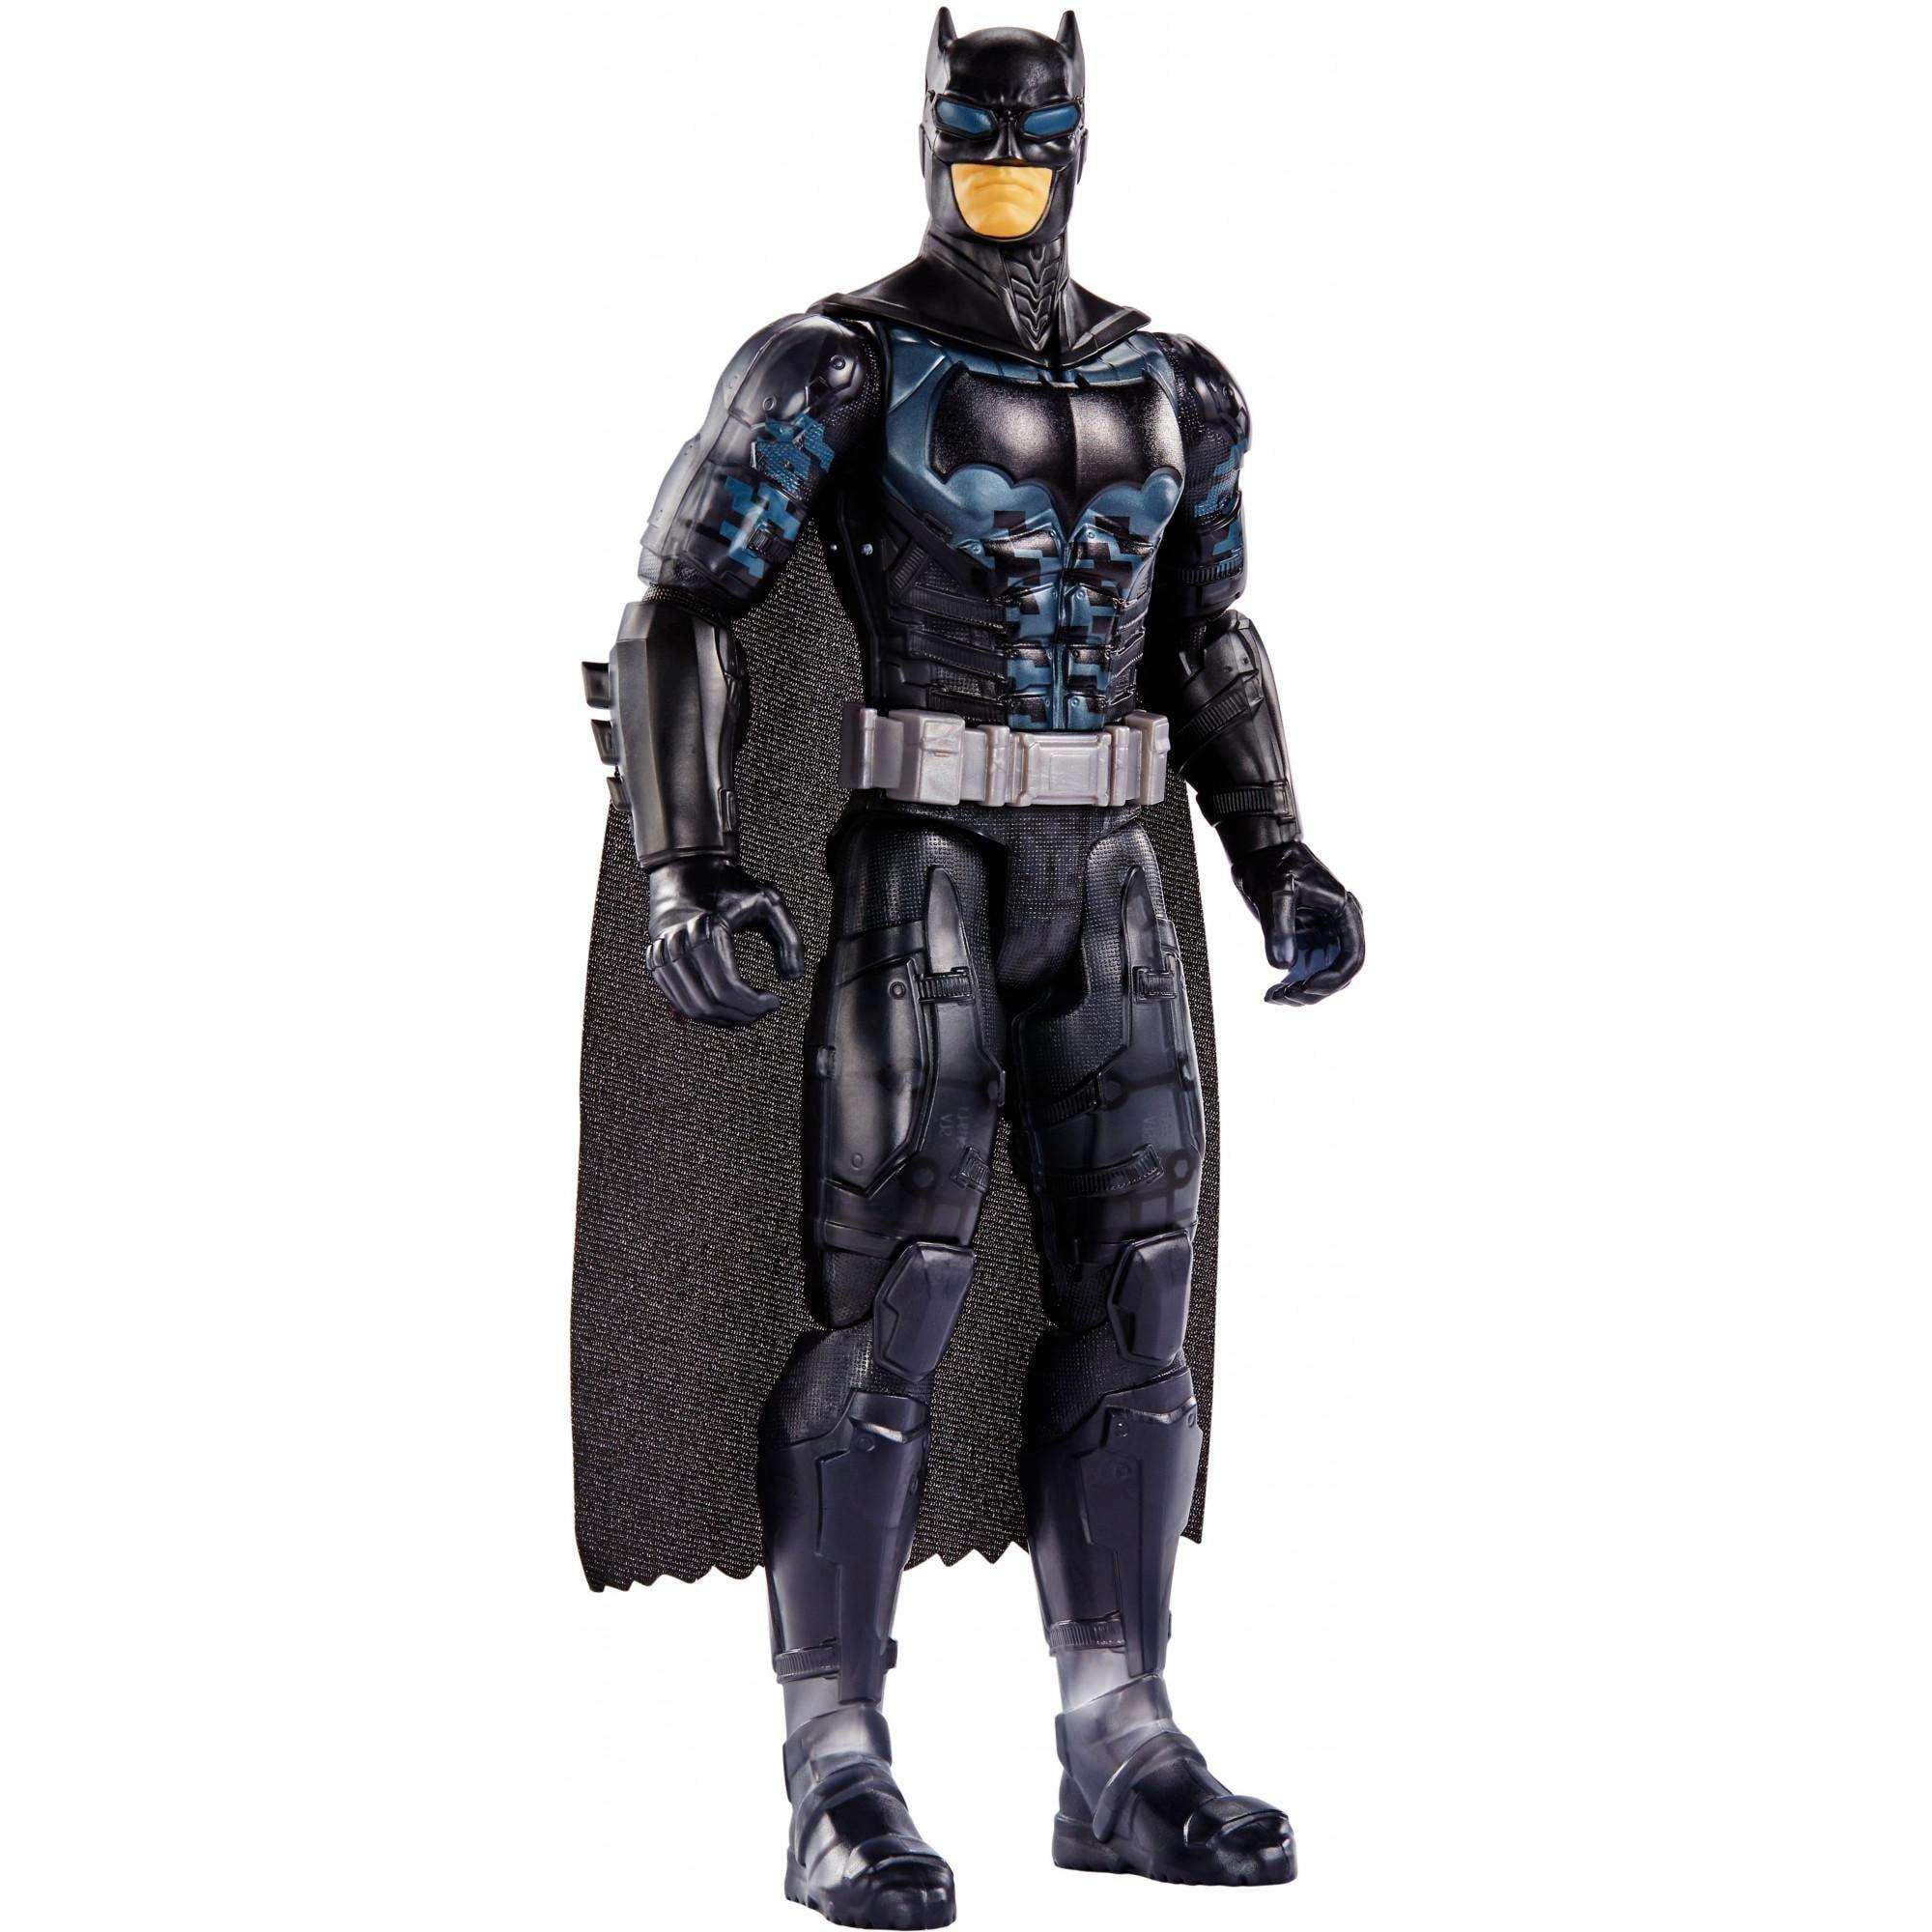 DC Justice League Stealth Suit Batman 12-Inch Action Figure